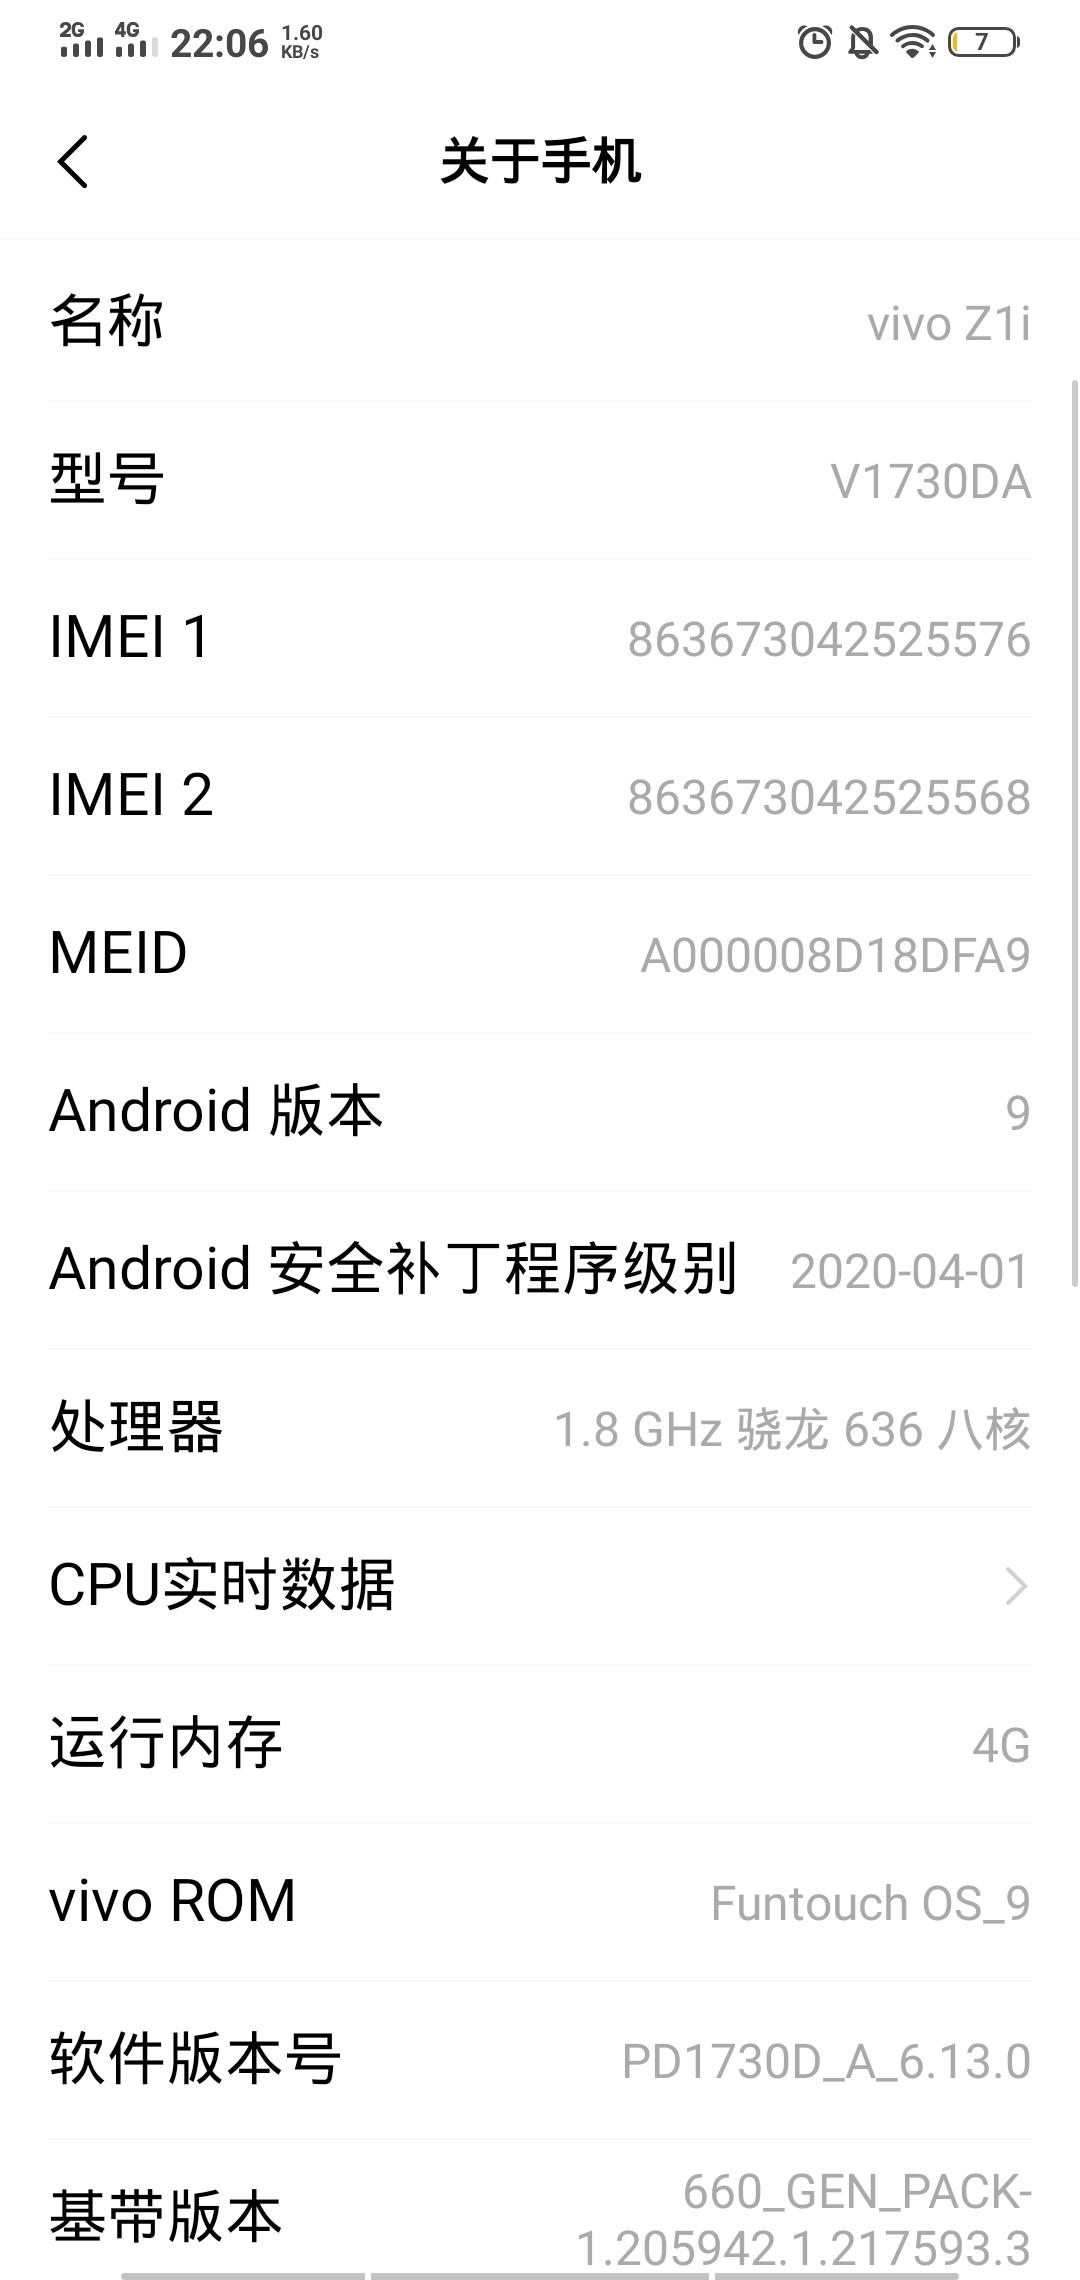 Screenshot_20200802_220659.jpg